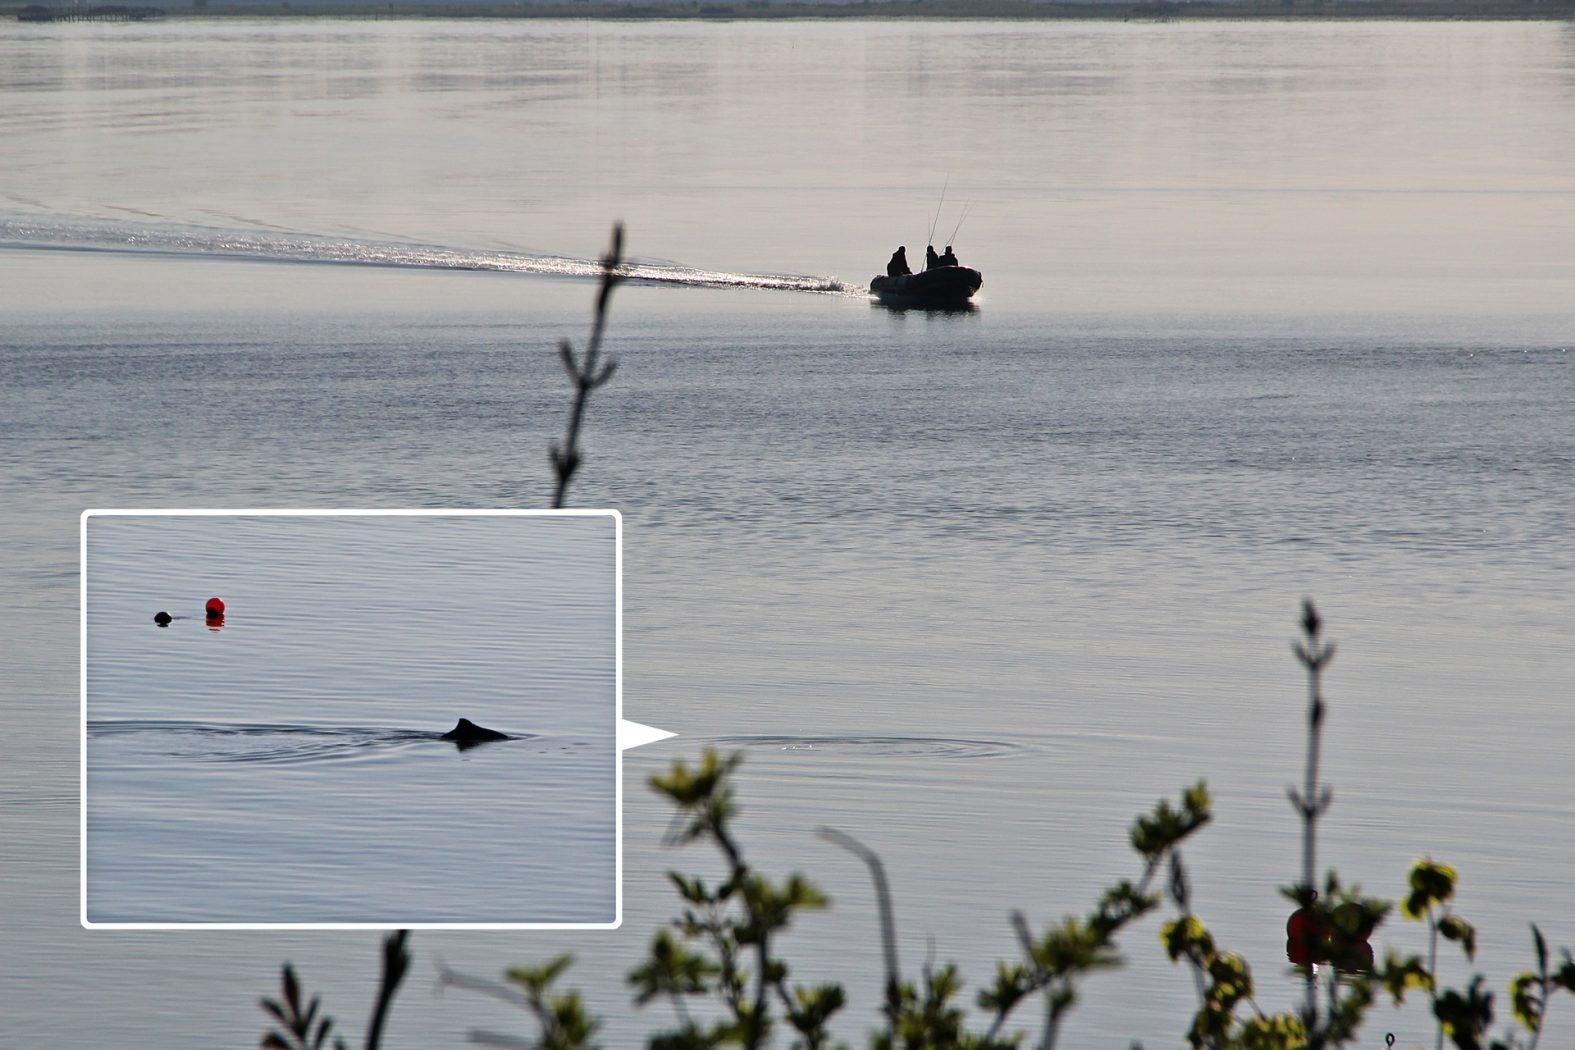 Schweinswal in der Ostsee in Dänemark